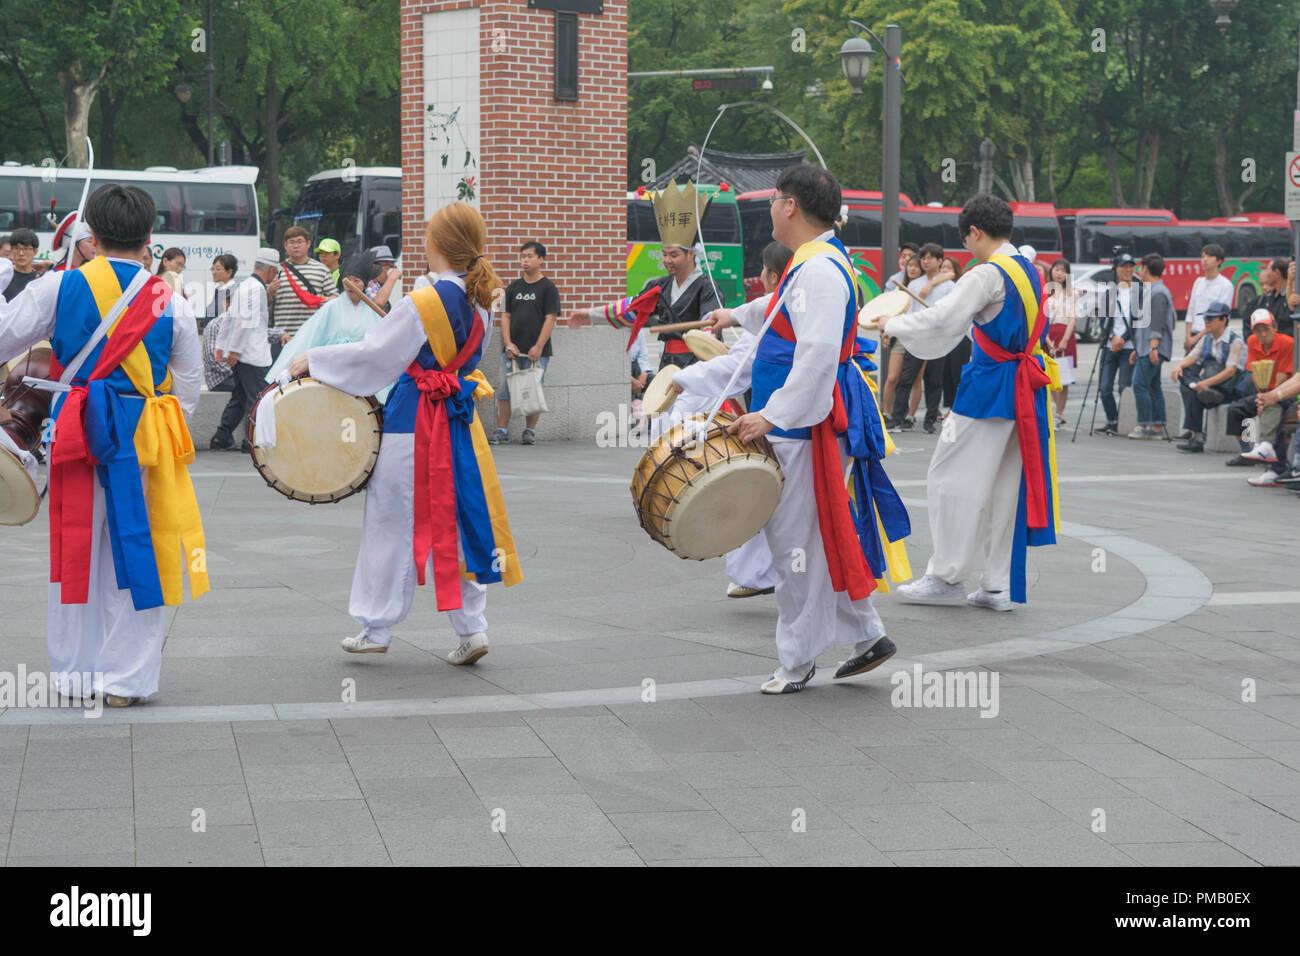 Un grupo de bailarines y percusionistas en coloridos trajes tradicionales, en Seúl, Corea del Sur Imagen De Stock